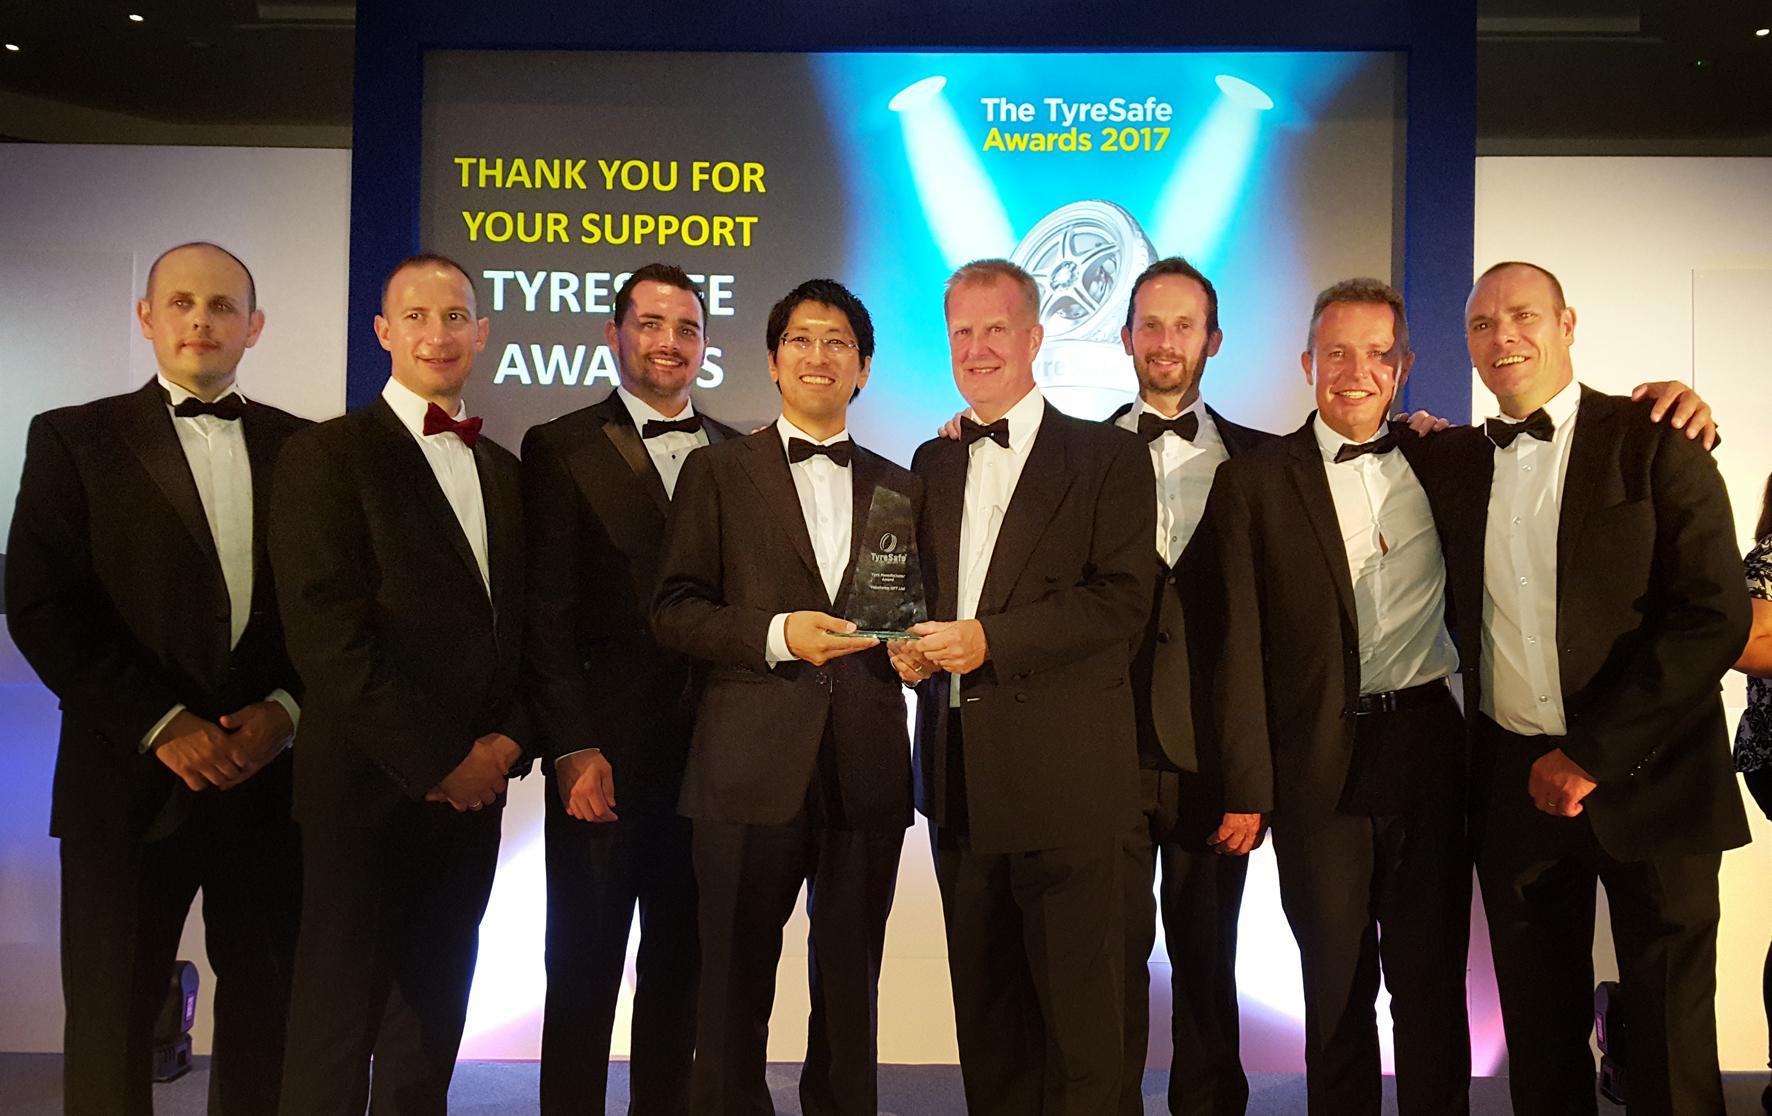 Yokohama награждена премией TyreSafe Awards 2017 за работу с болельщиками «Челси»